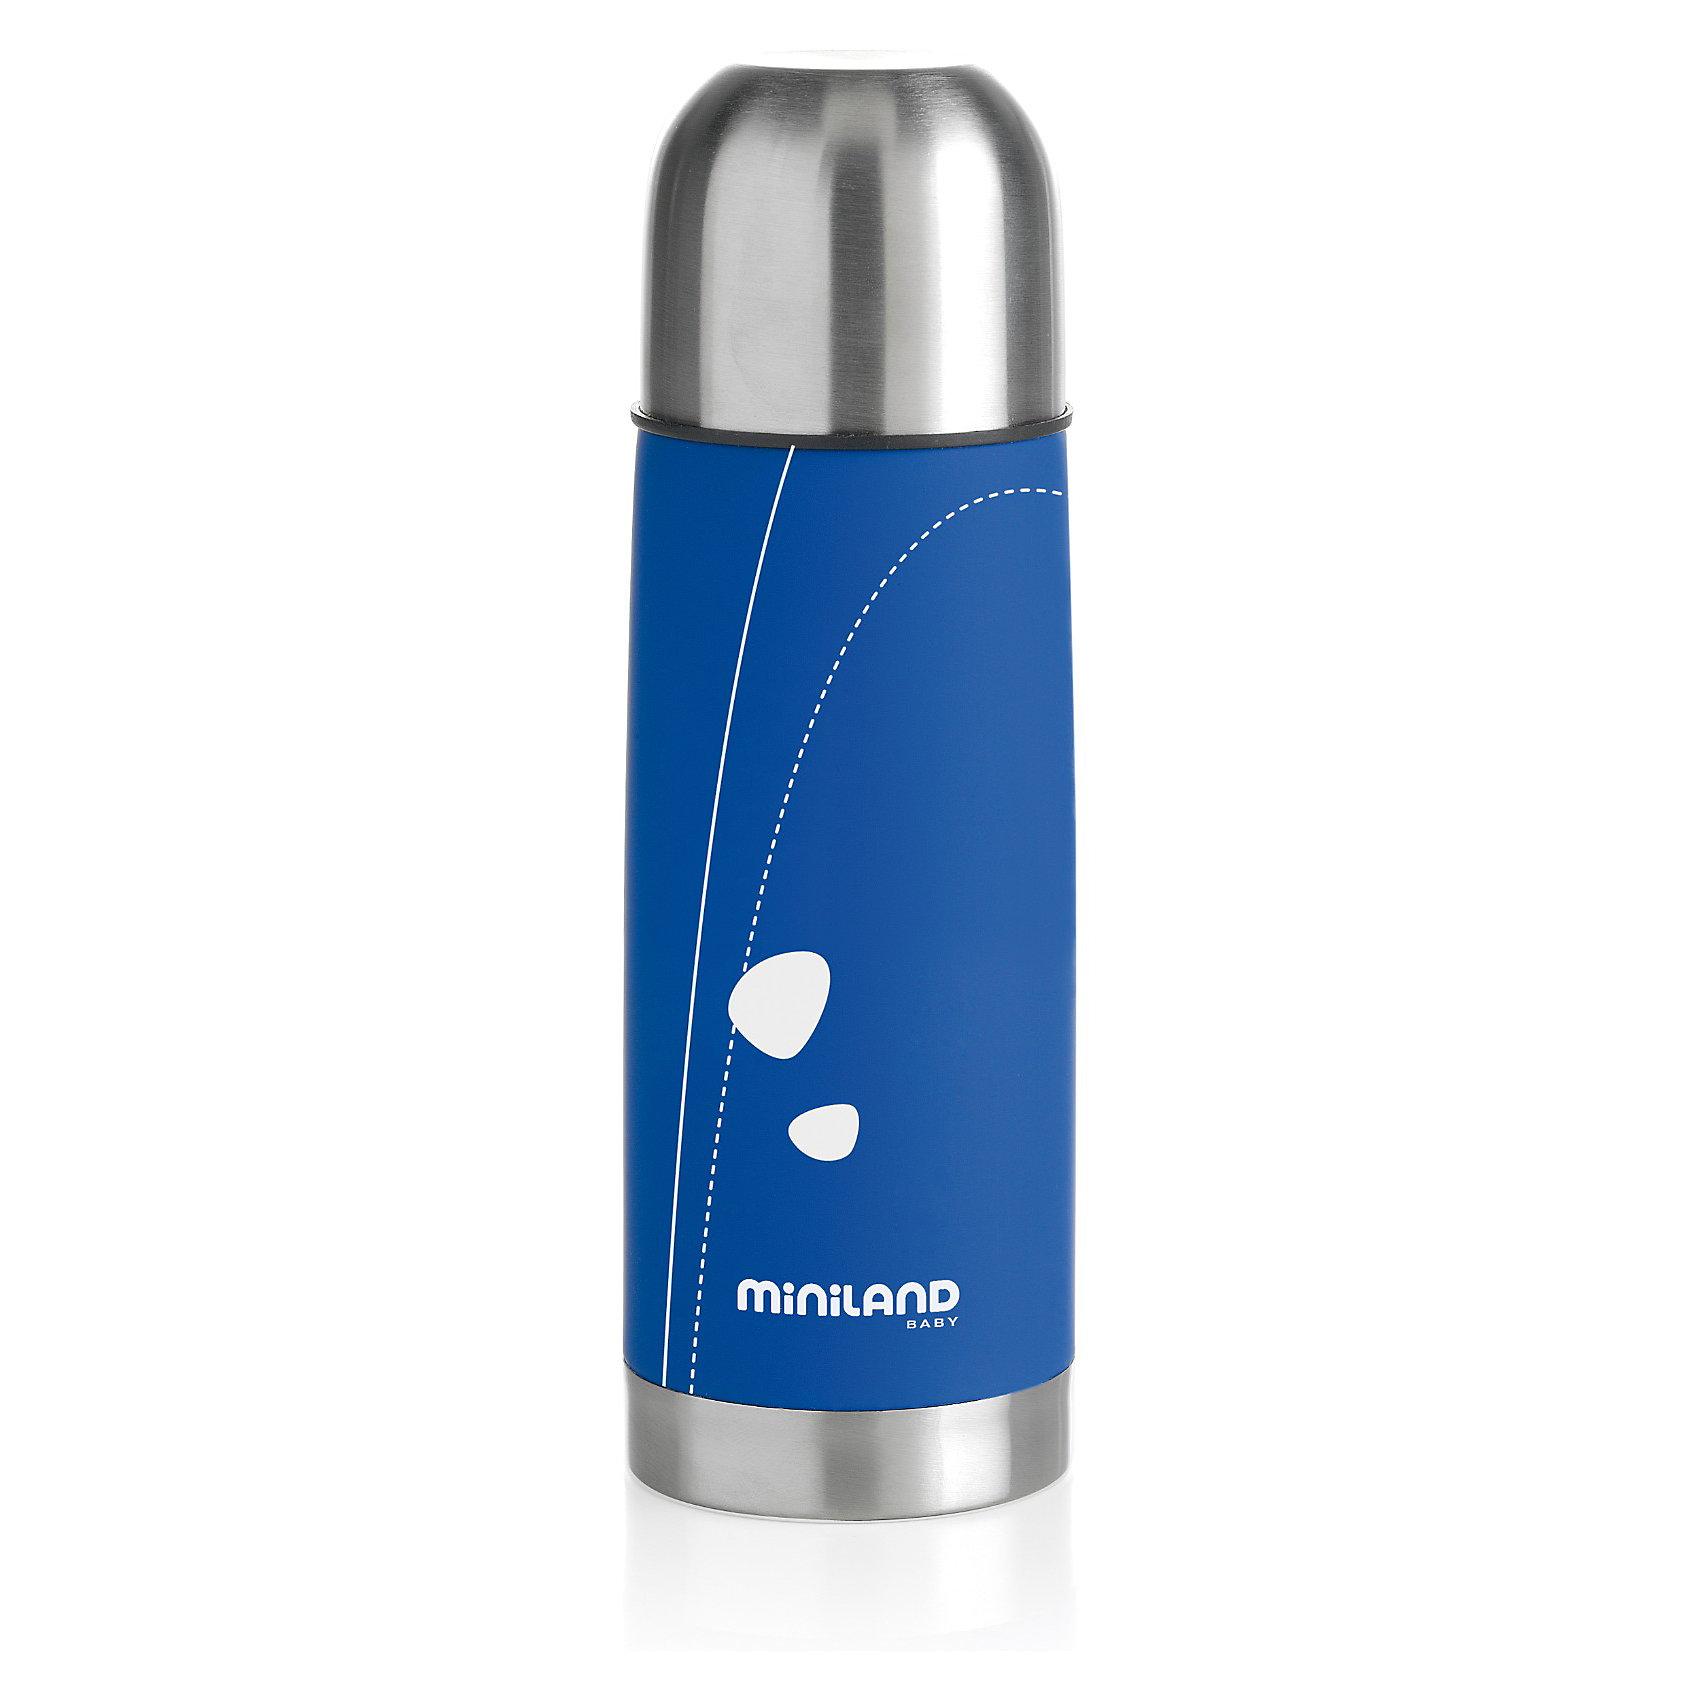 Термос для жидкостей Miniland SOFT THERMO 350 мл, синийДетский термос для жидкой от компании Miniland имеет мягкую прорезиненную, очень приятную на ощупь поверхность. Каркас термоса и крышка сделаны из нержавеющей стали, устойчивой к падениям и ударам, легко моются. Термос поддерживает температуру жидкости в течение длительного периода времени. Закрывается при помощи плотно завинчивающейся крышки со специальным клапаном и колпачка, который можно использовать в качестве чашки. Прекрасный вариант для поездок и путешествий. <br><br>Дополнительная информация:<br><br>-  Объем: 350 мл.<br>- Материал: нержавеющая сталь, резина, пластик.<br>- Цвет: синий.<br>- Высота термоса: 19,5 см.<br>- Комплектация: термос.<br> <br>Термос для жидкостей Miniland SOFT THERMO 350 мл, синий, можно купить в нашем магазине.<br><br>Ширина мм: 211<br>Глубина мм: 80<br>Высота мм: 78<br>Вес г: 334<br>Возраст от месяцев: 0<br>Возраст до месяцев: 36<br>Пол: Унисекс<br>Возраст: Детский<br>SKU: 3288468